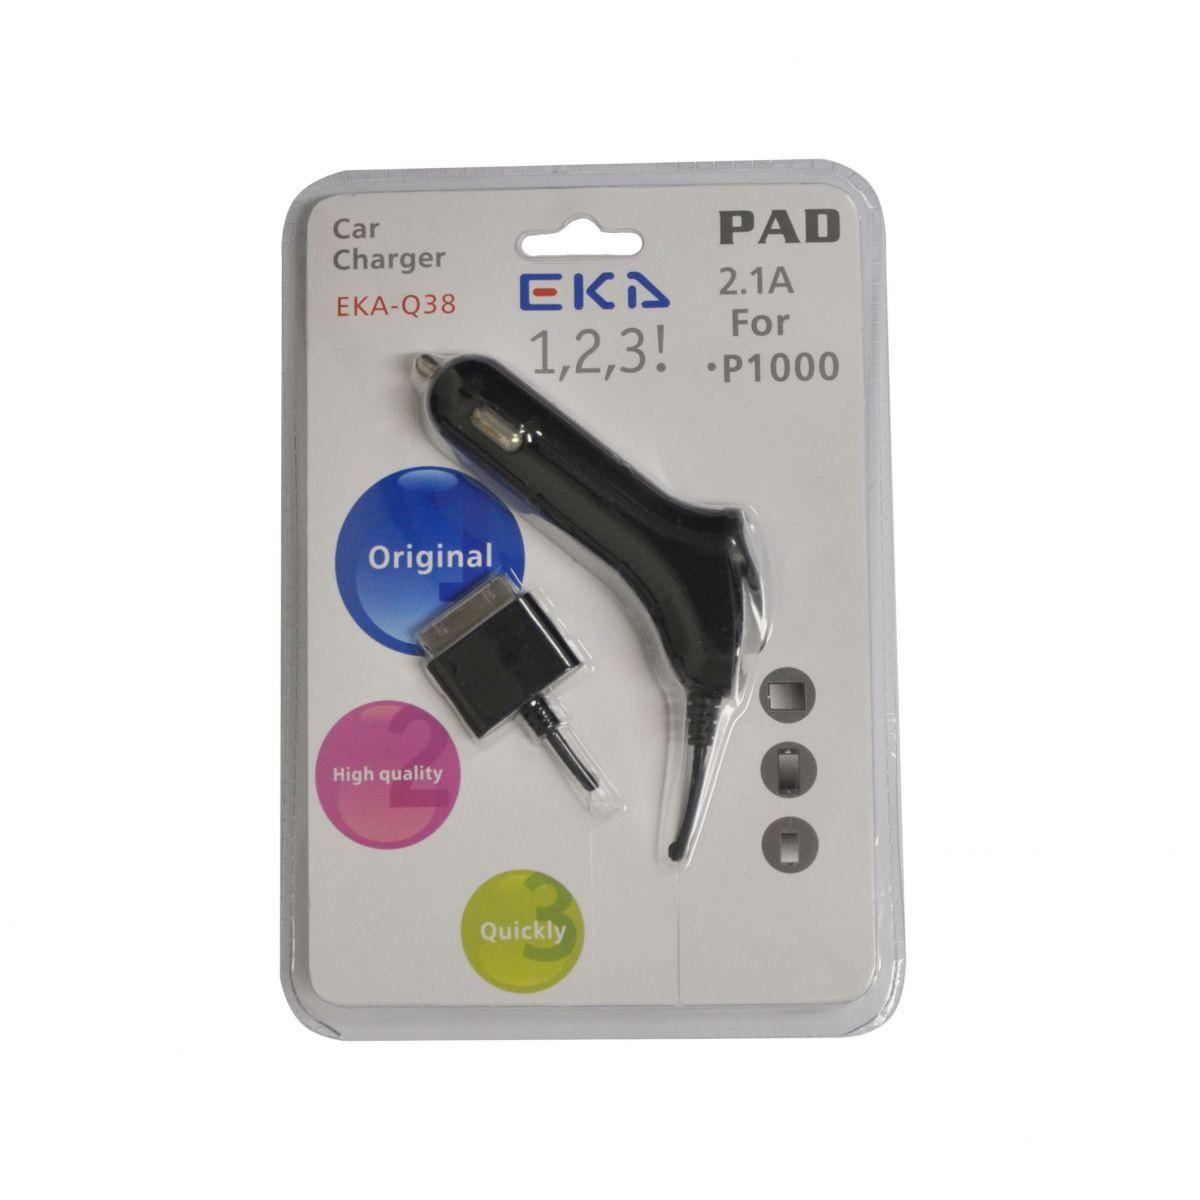 Carregador Veicular Eka-q38 Padrão Samsung 5v 2100mah